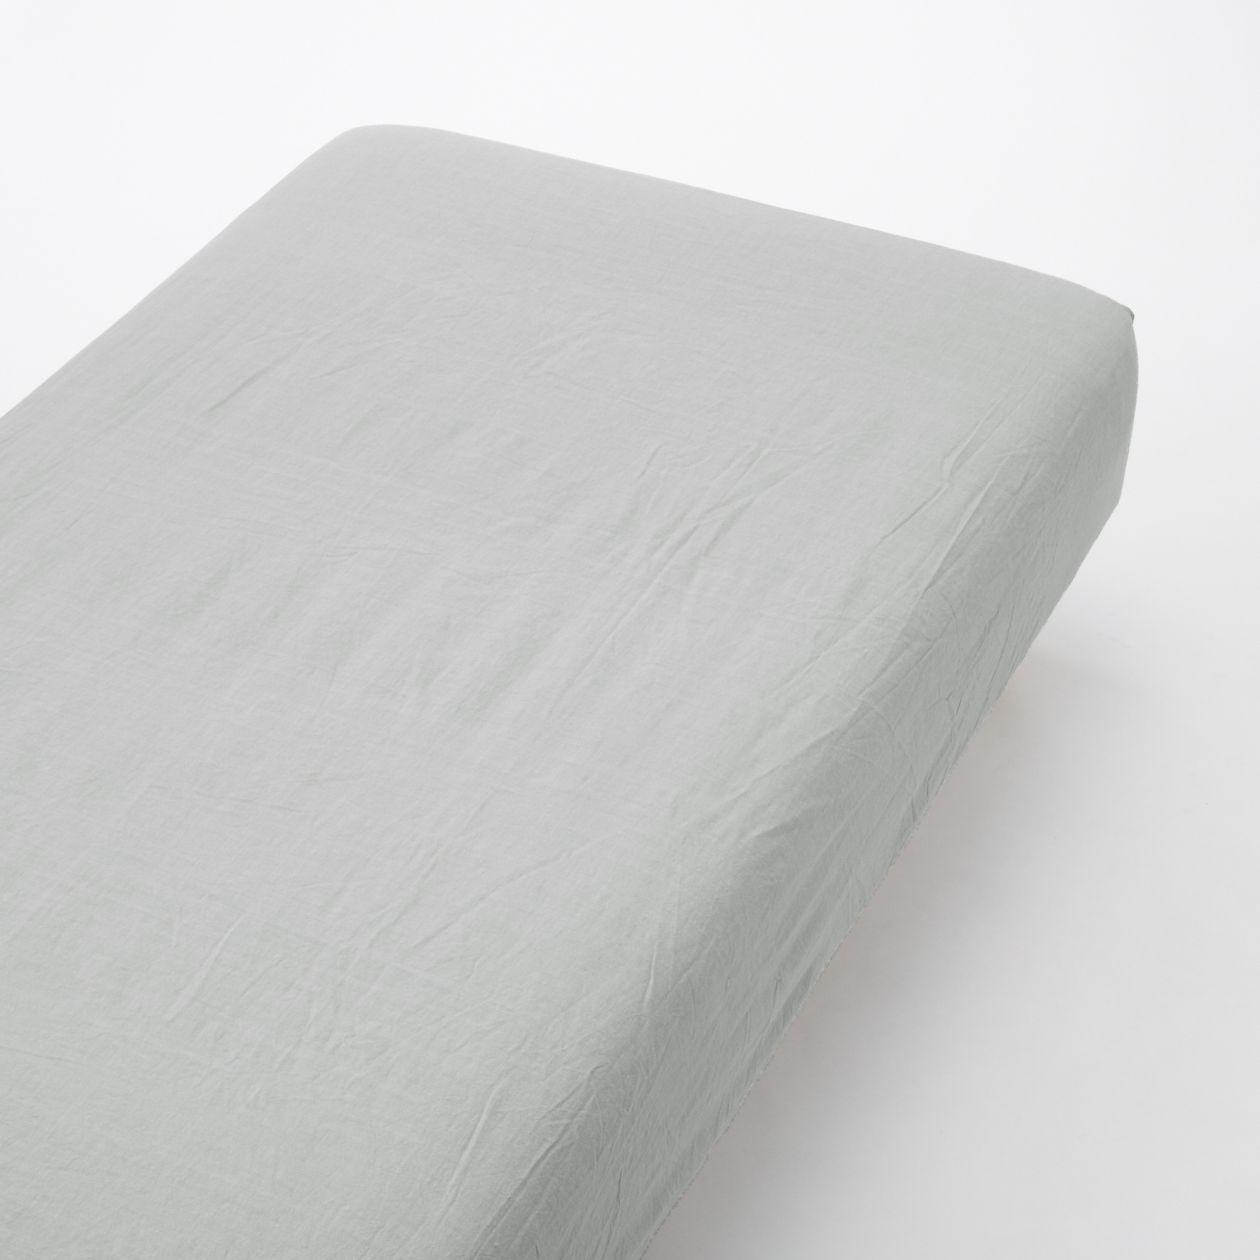 綿洗いざらしボックスシーツ・SS/グレー